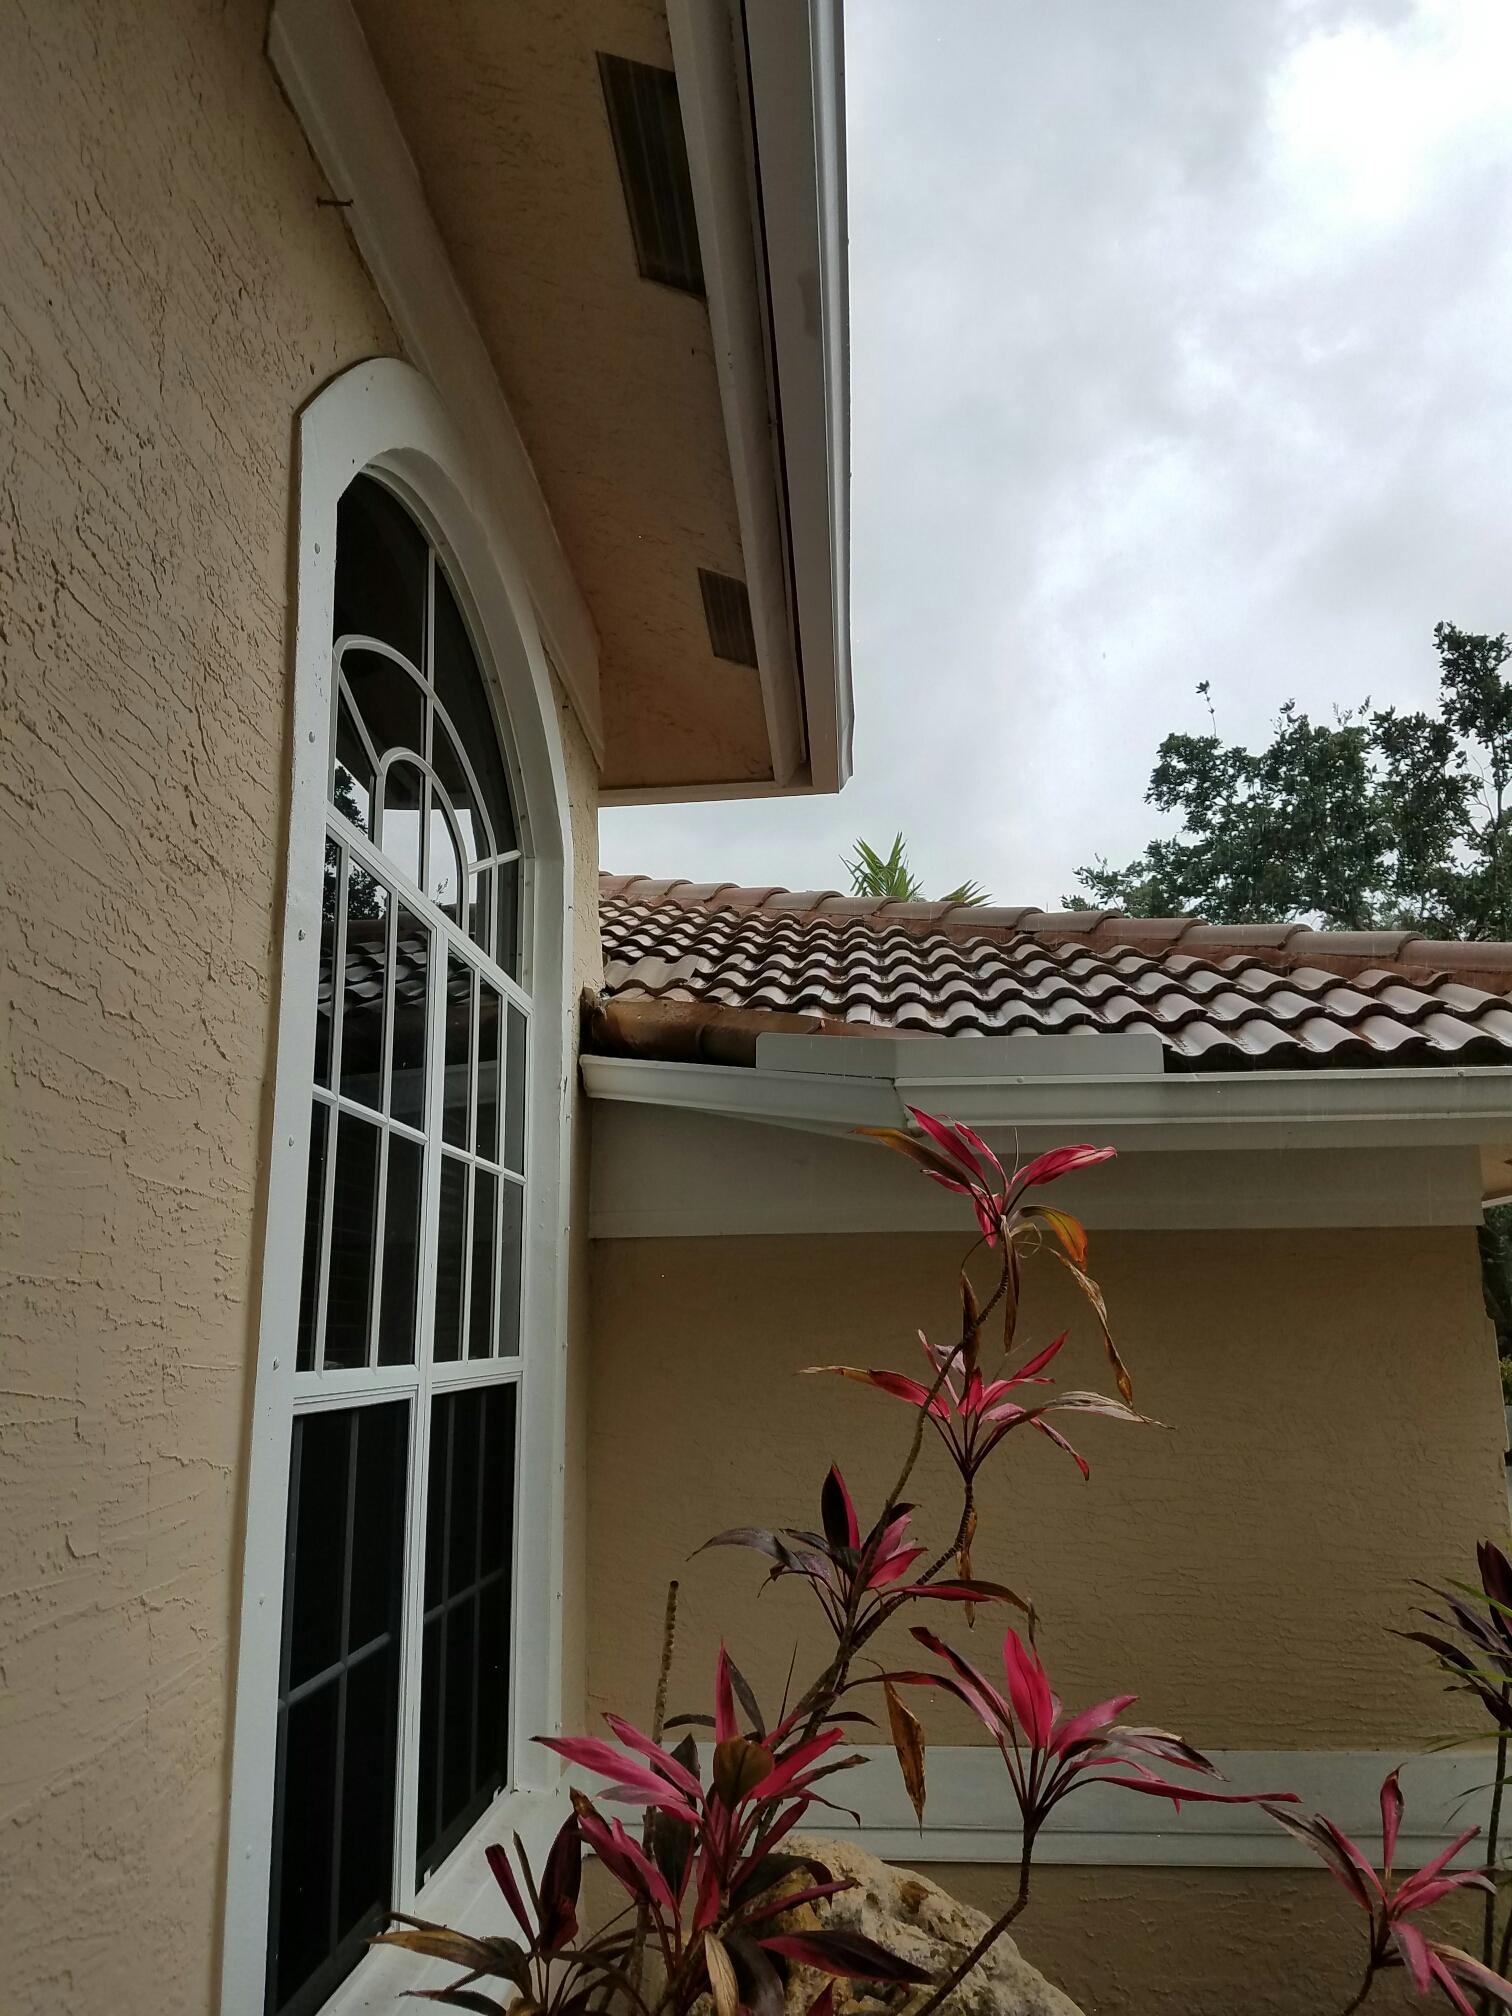 Coral Springs, FL - Tile re-roof estimate in Coral Springs